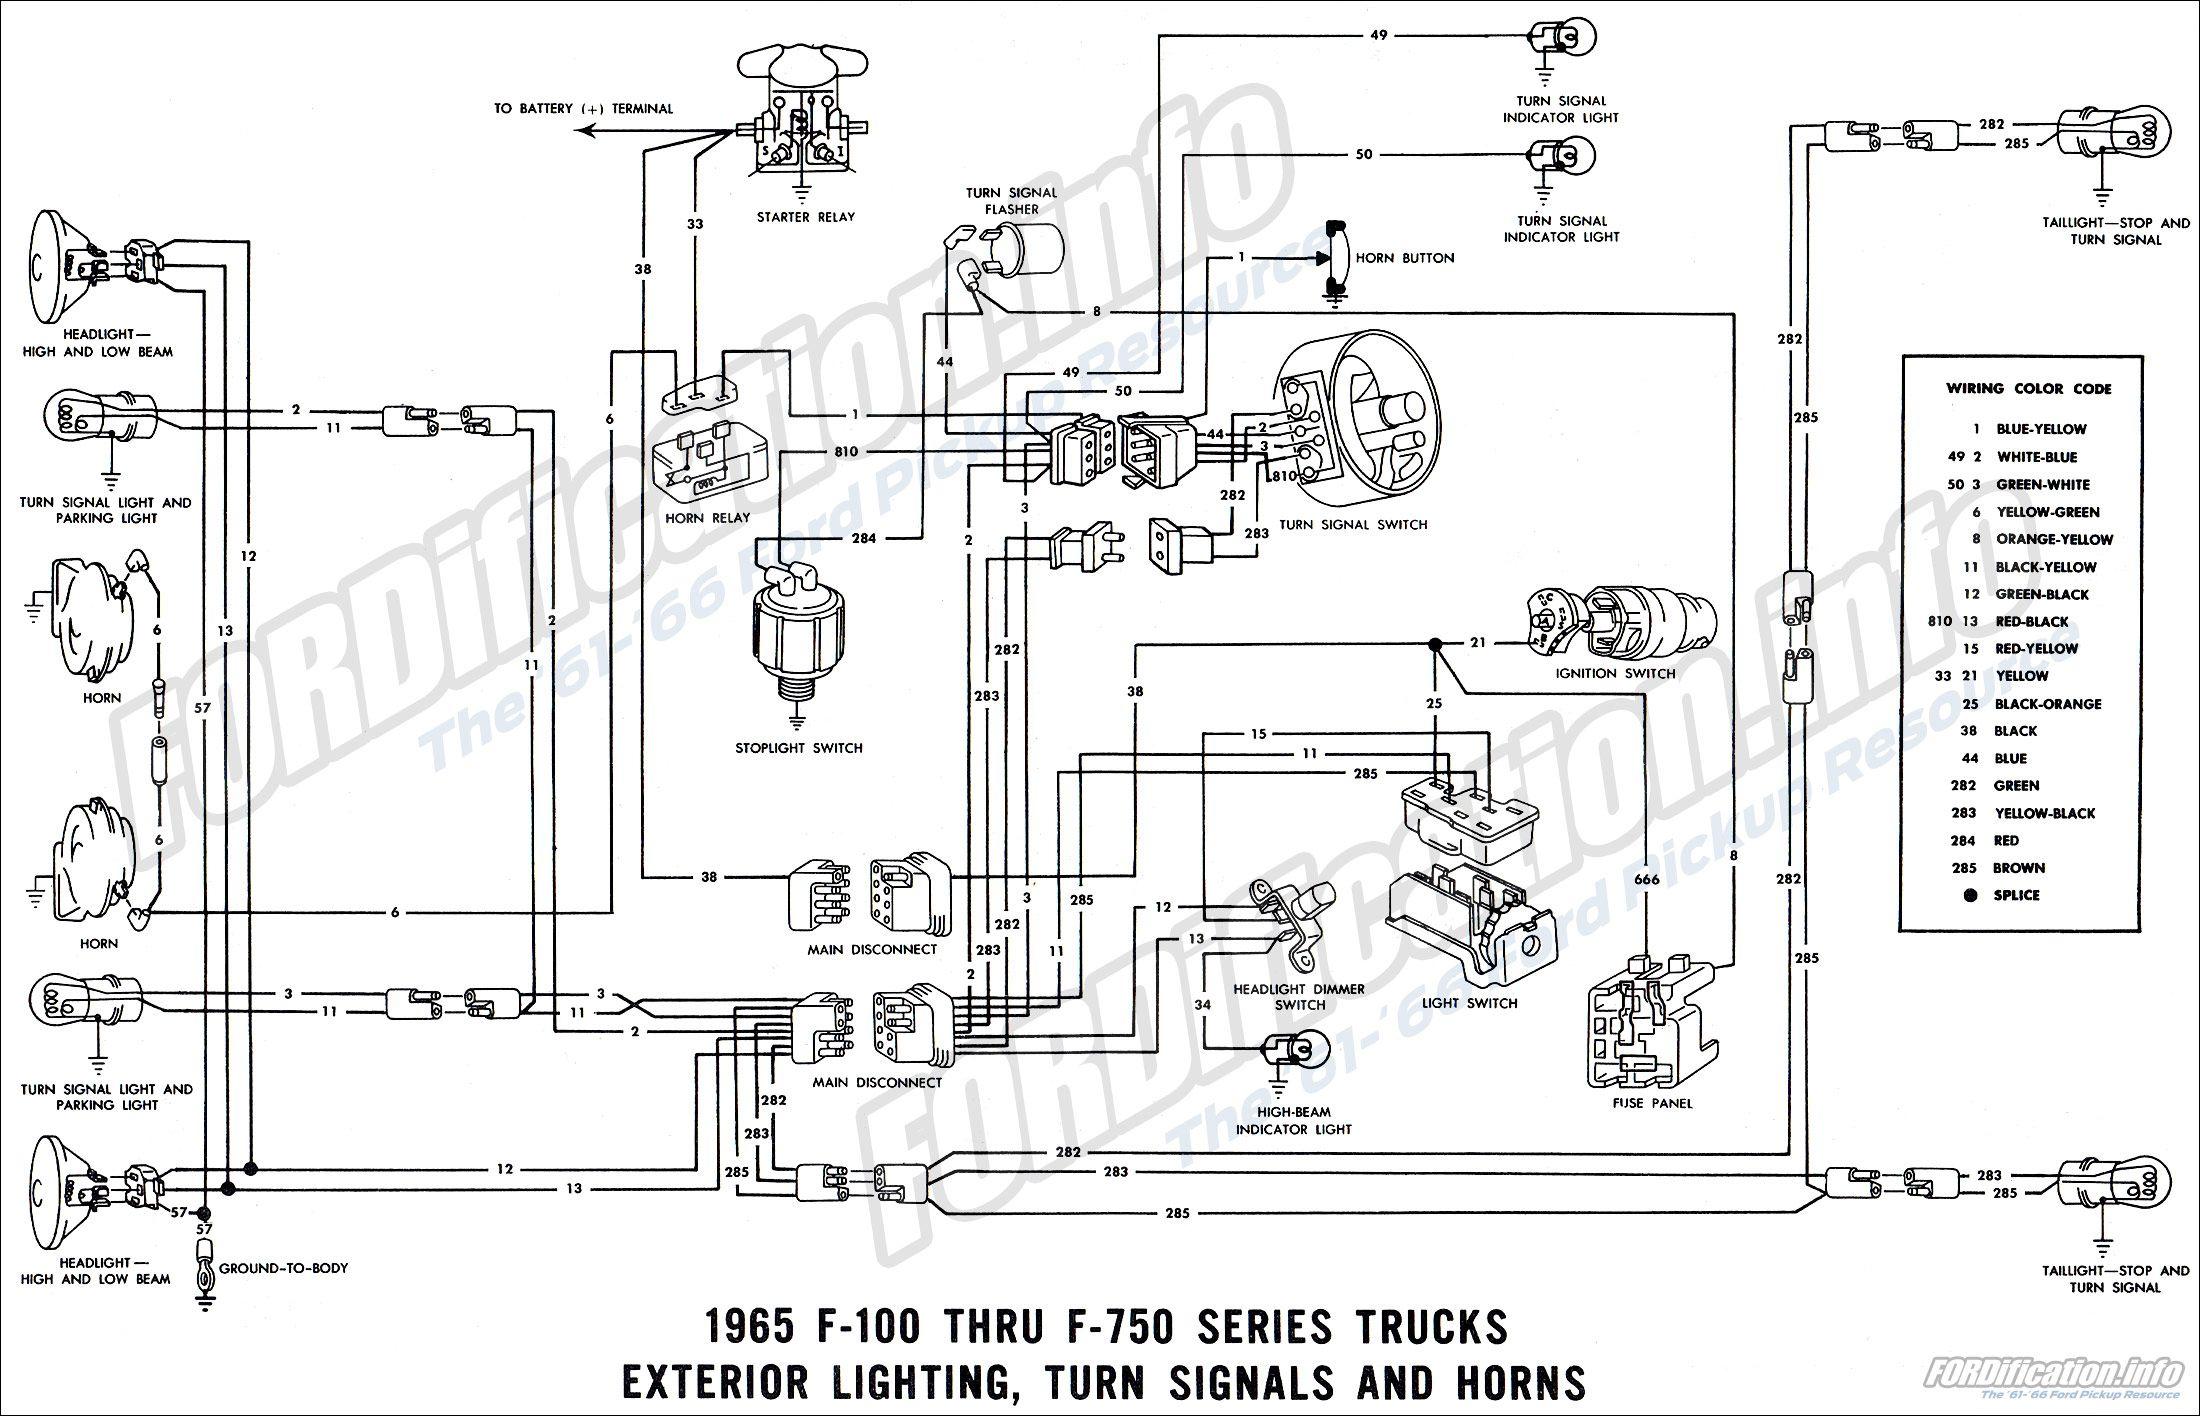 Pin By Samantha Unverferth Urban On 65 F100 Diagram Alternator Ford